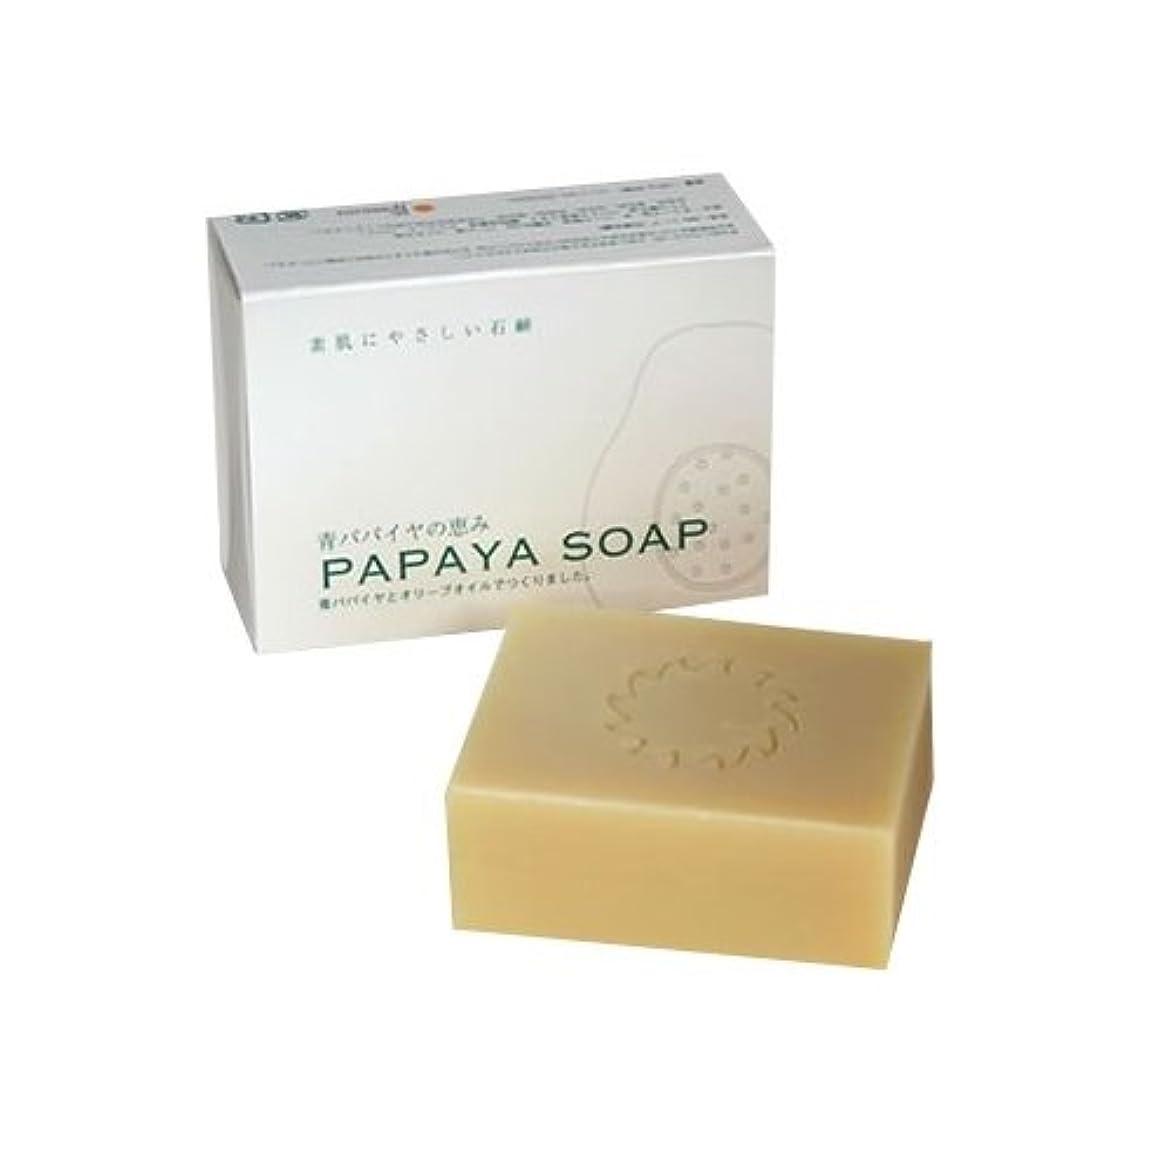 ソロ割れ目ボリューム青パパイヤの恵み PAPAYA SOAP(パパイヤソープ) 100g